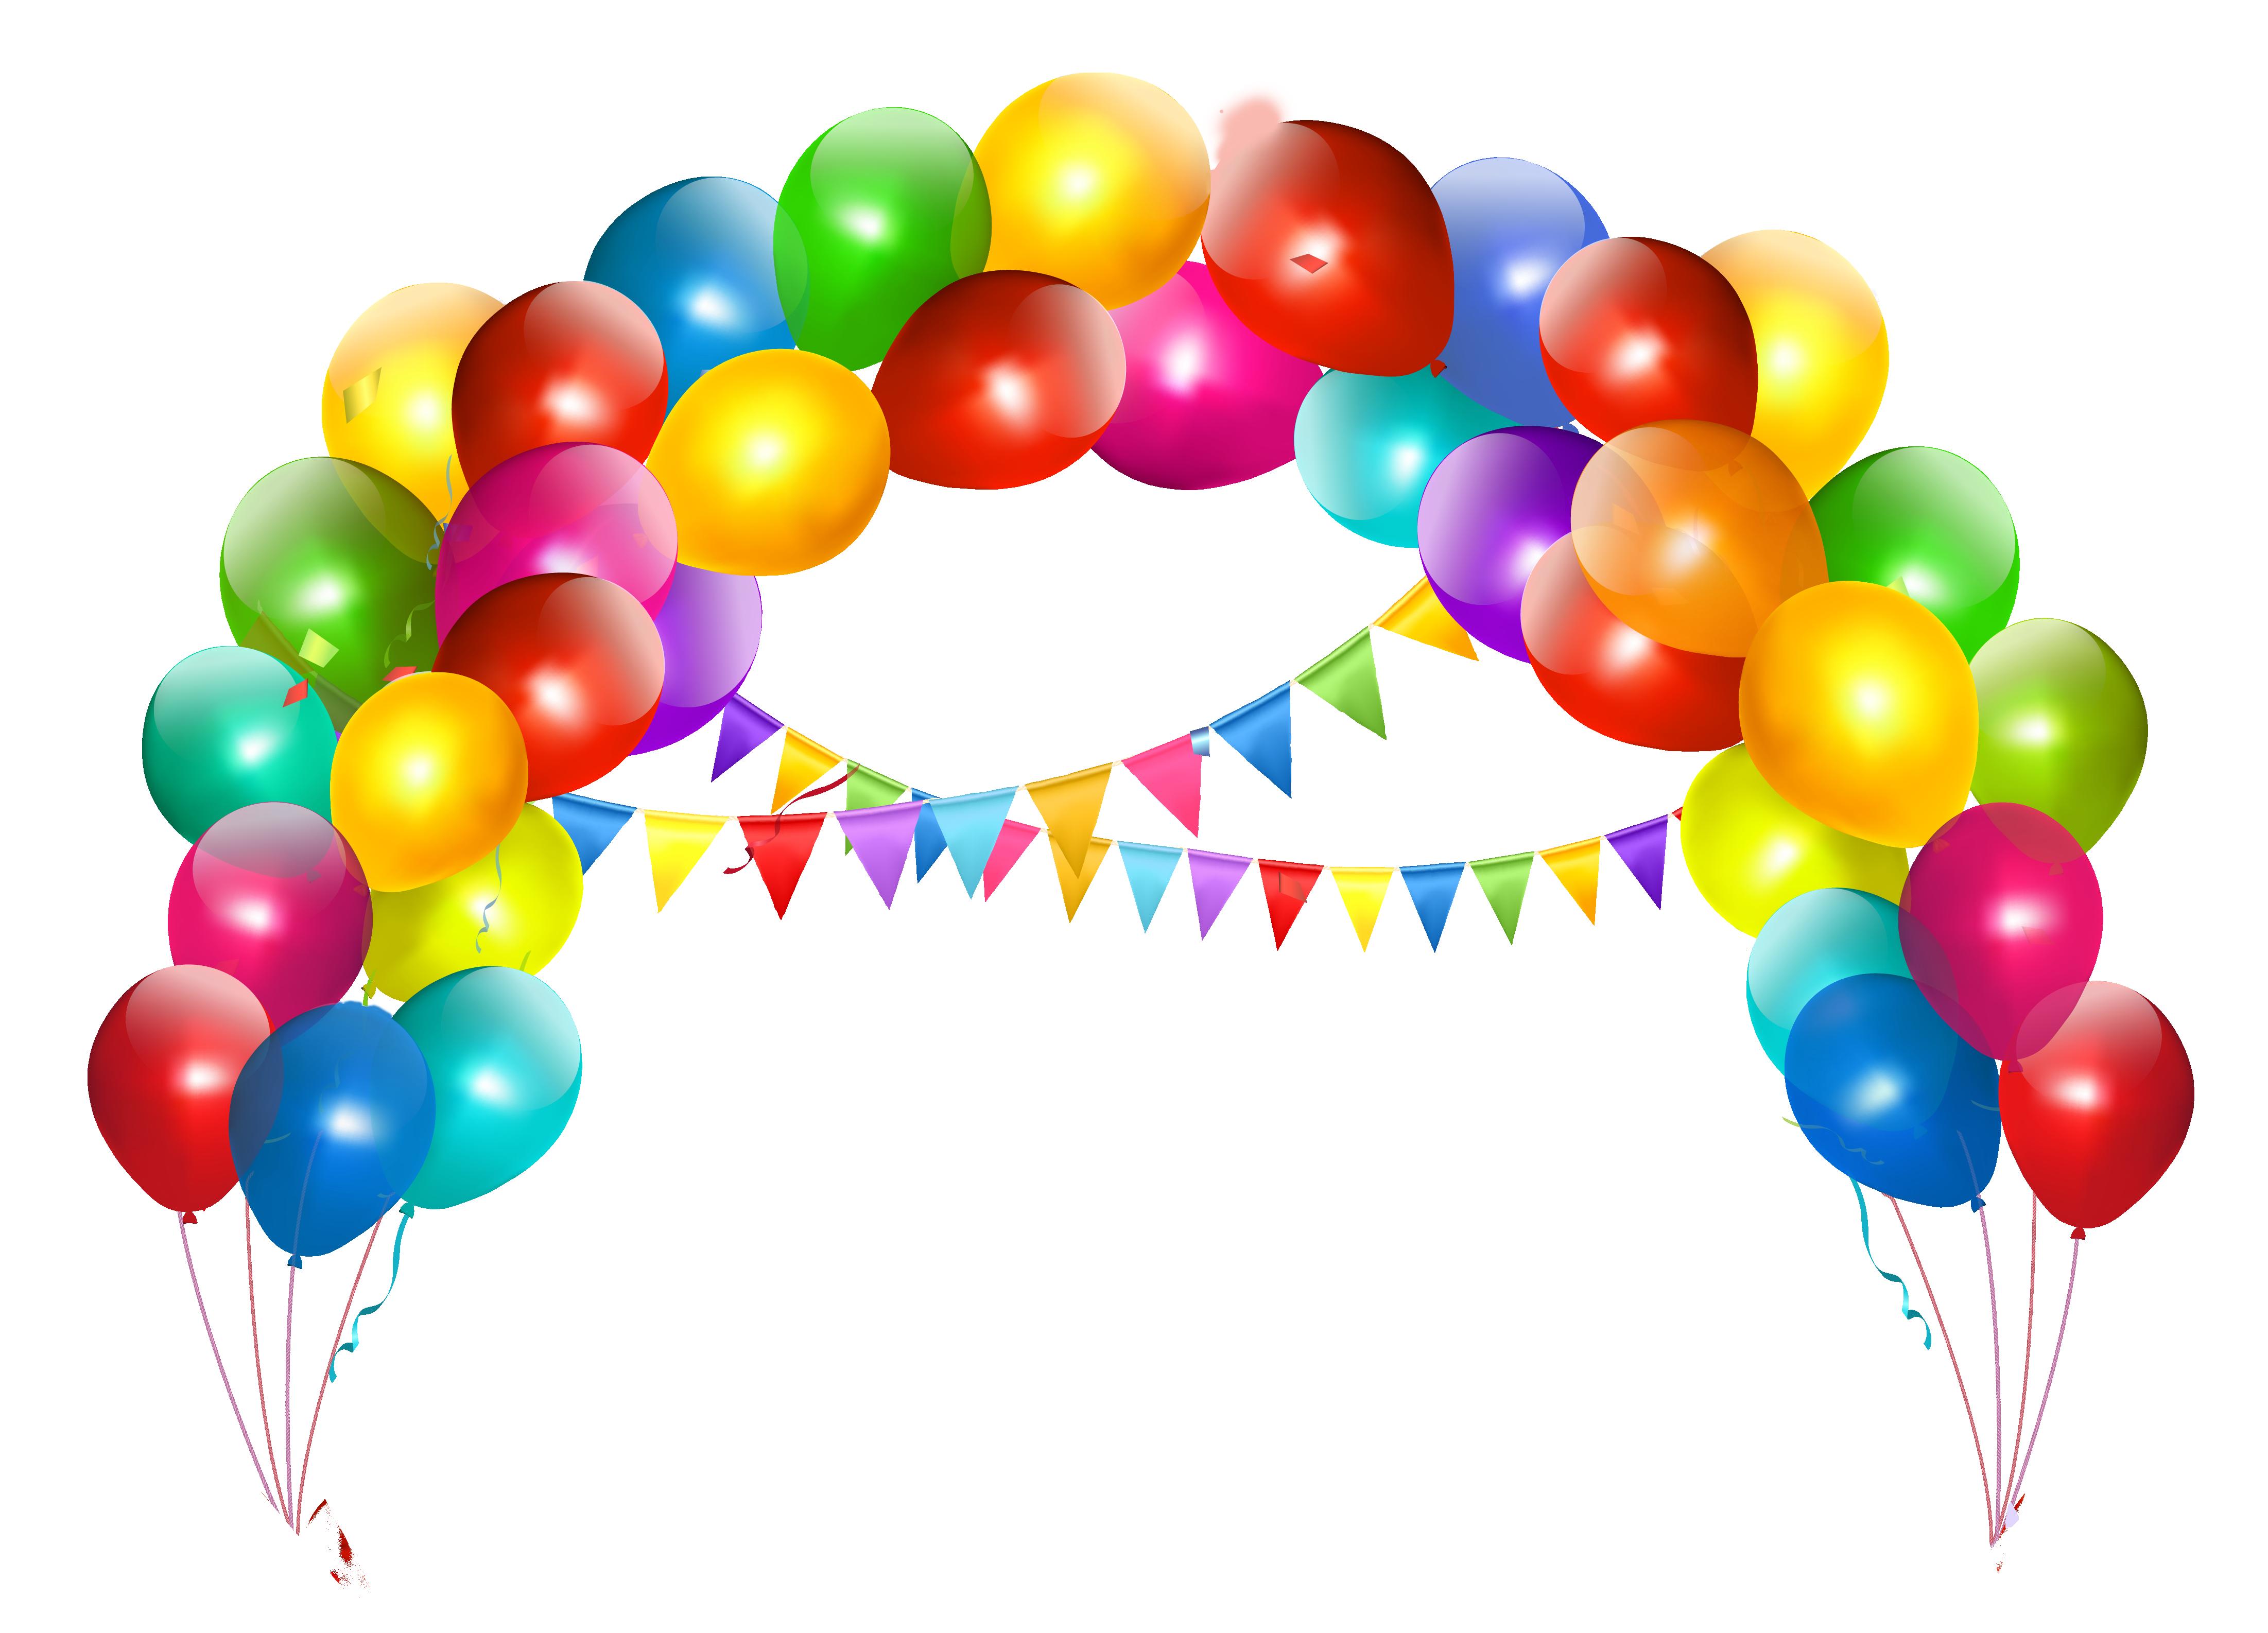 Free Balloons Clip Art. Ballo - Balloons Clip Art